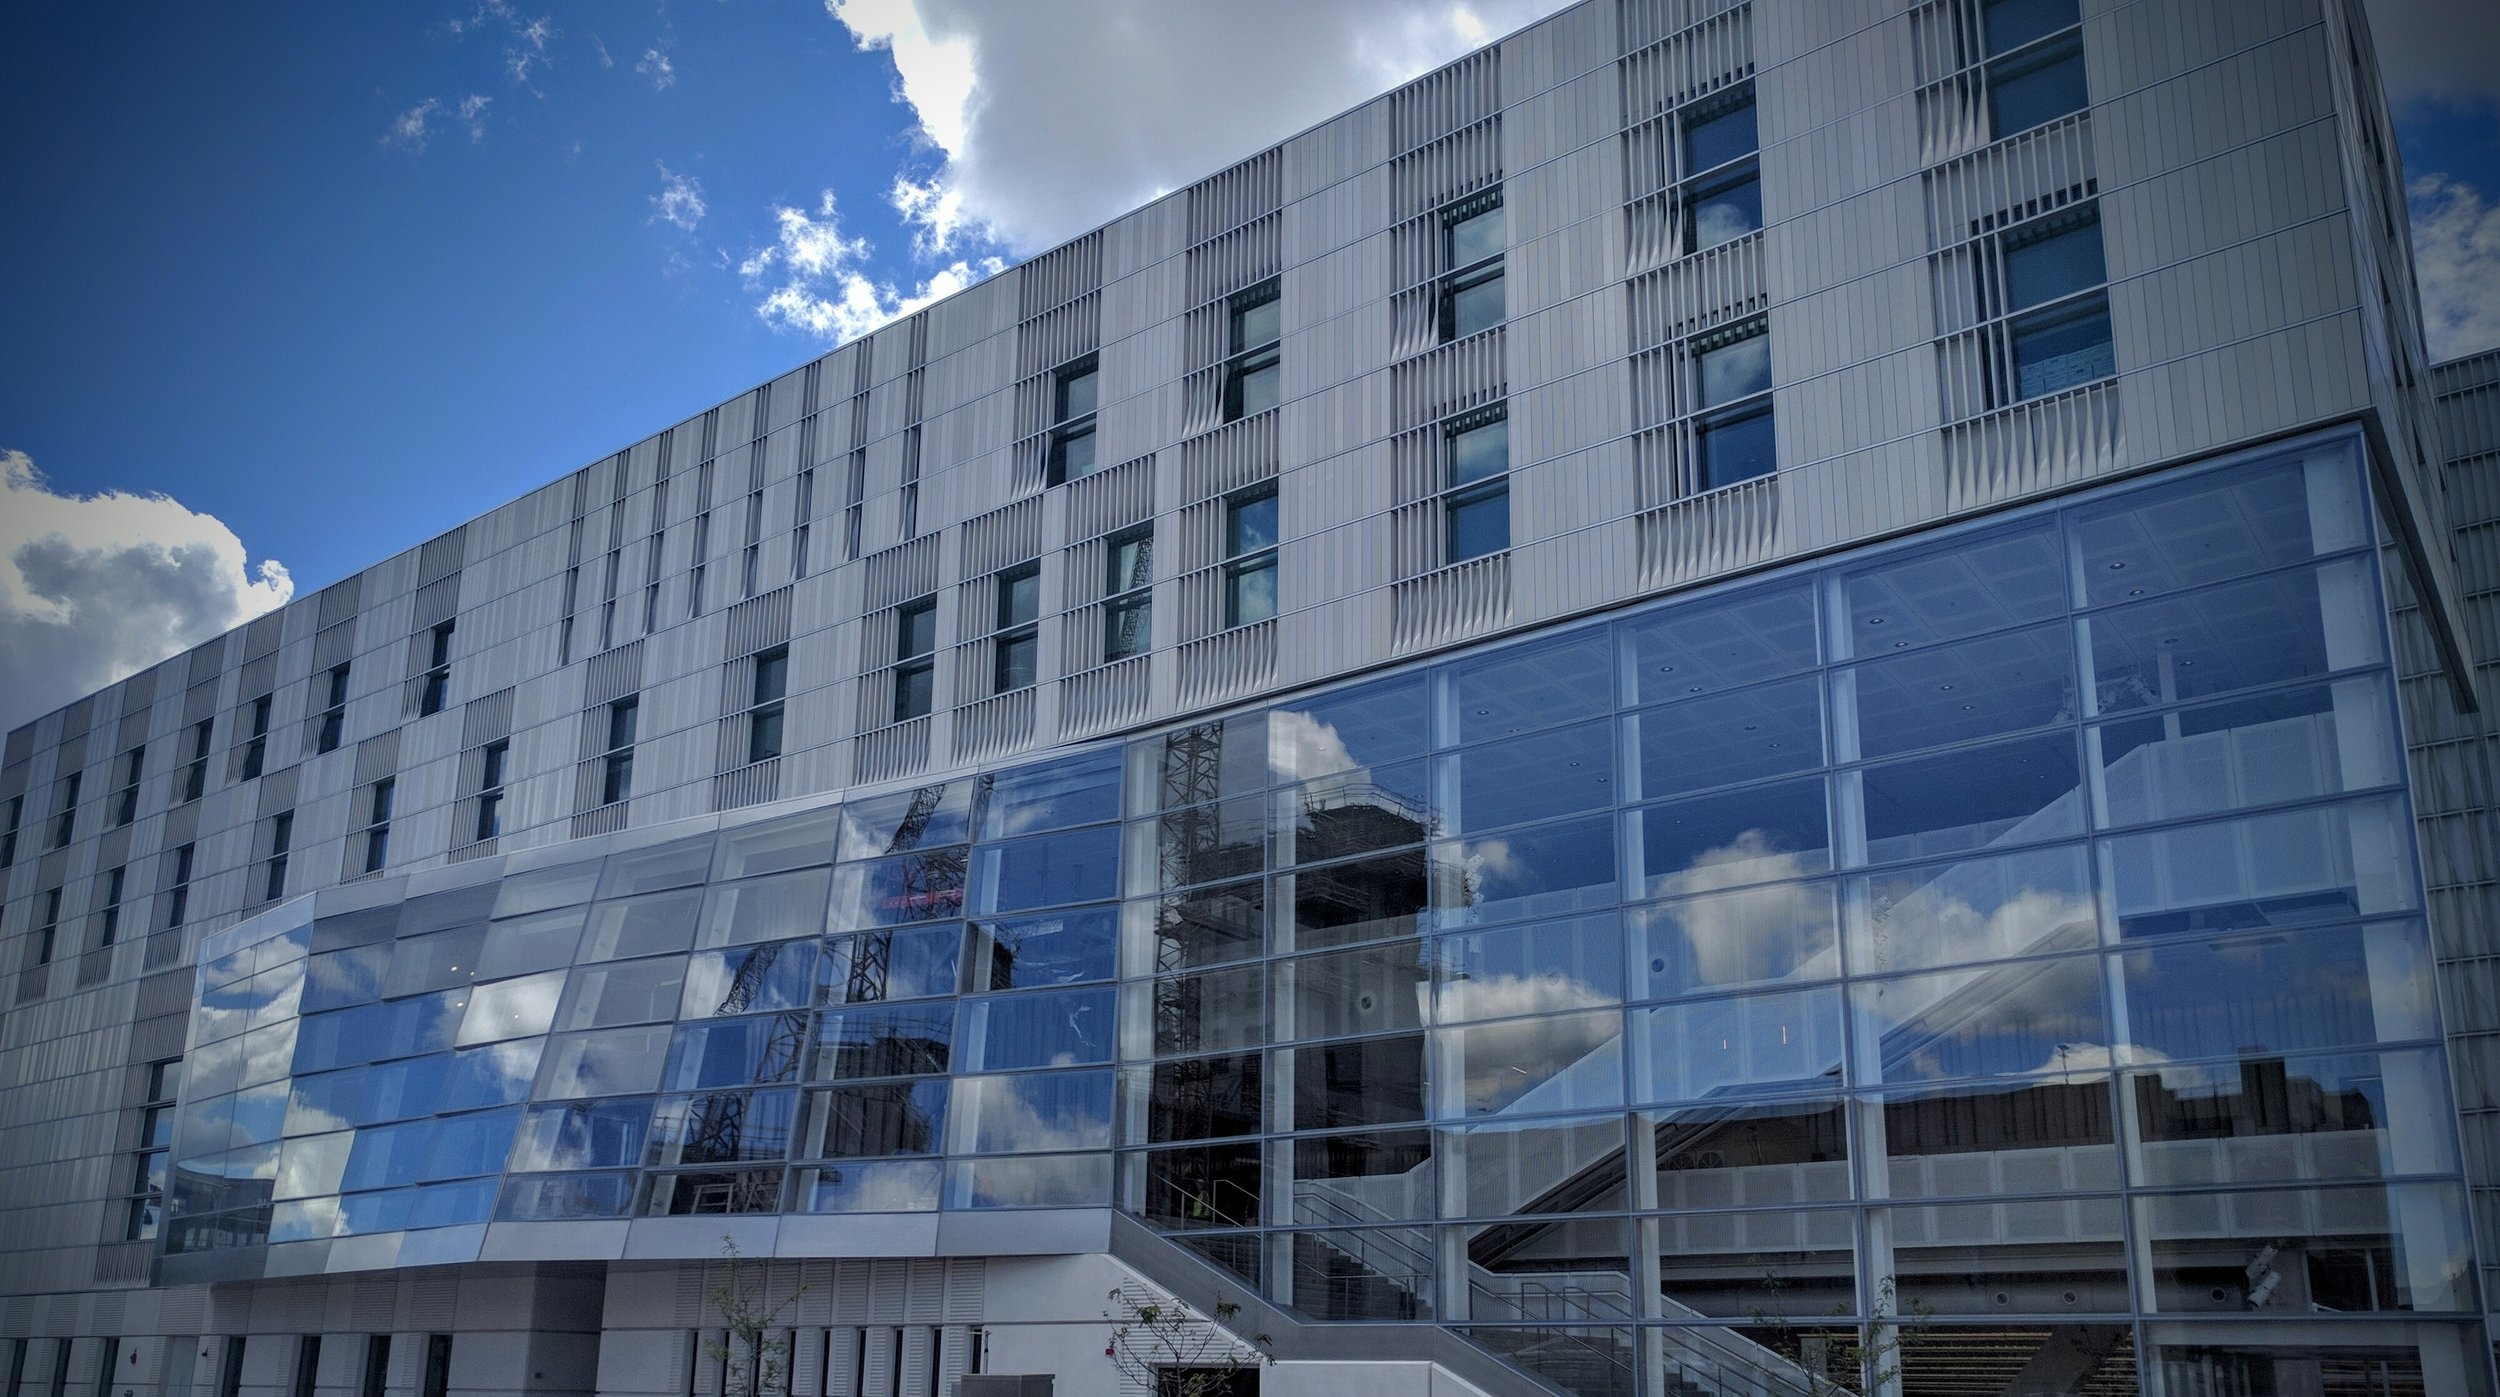 Voxman School of Music  Building